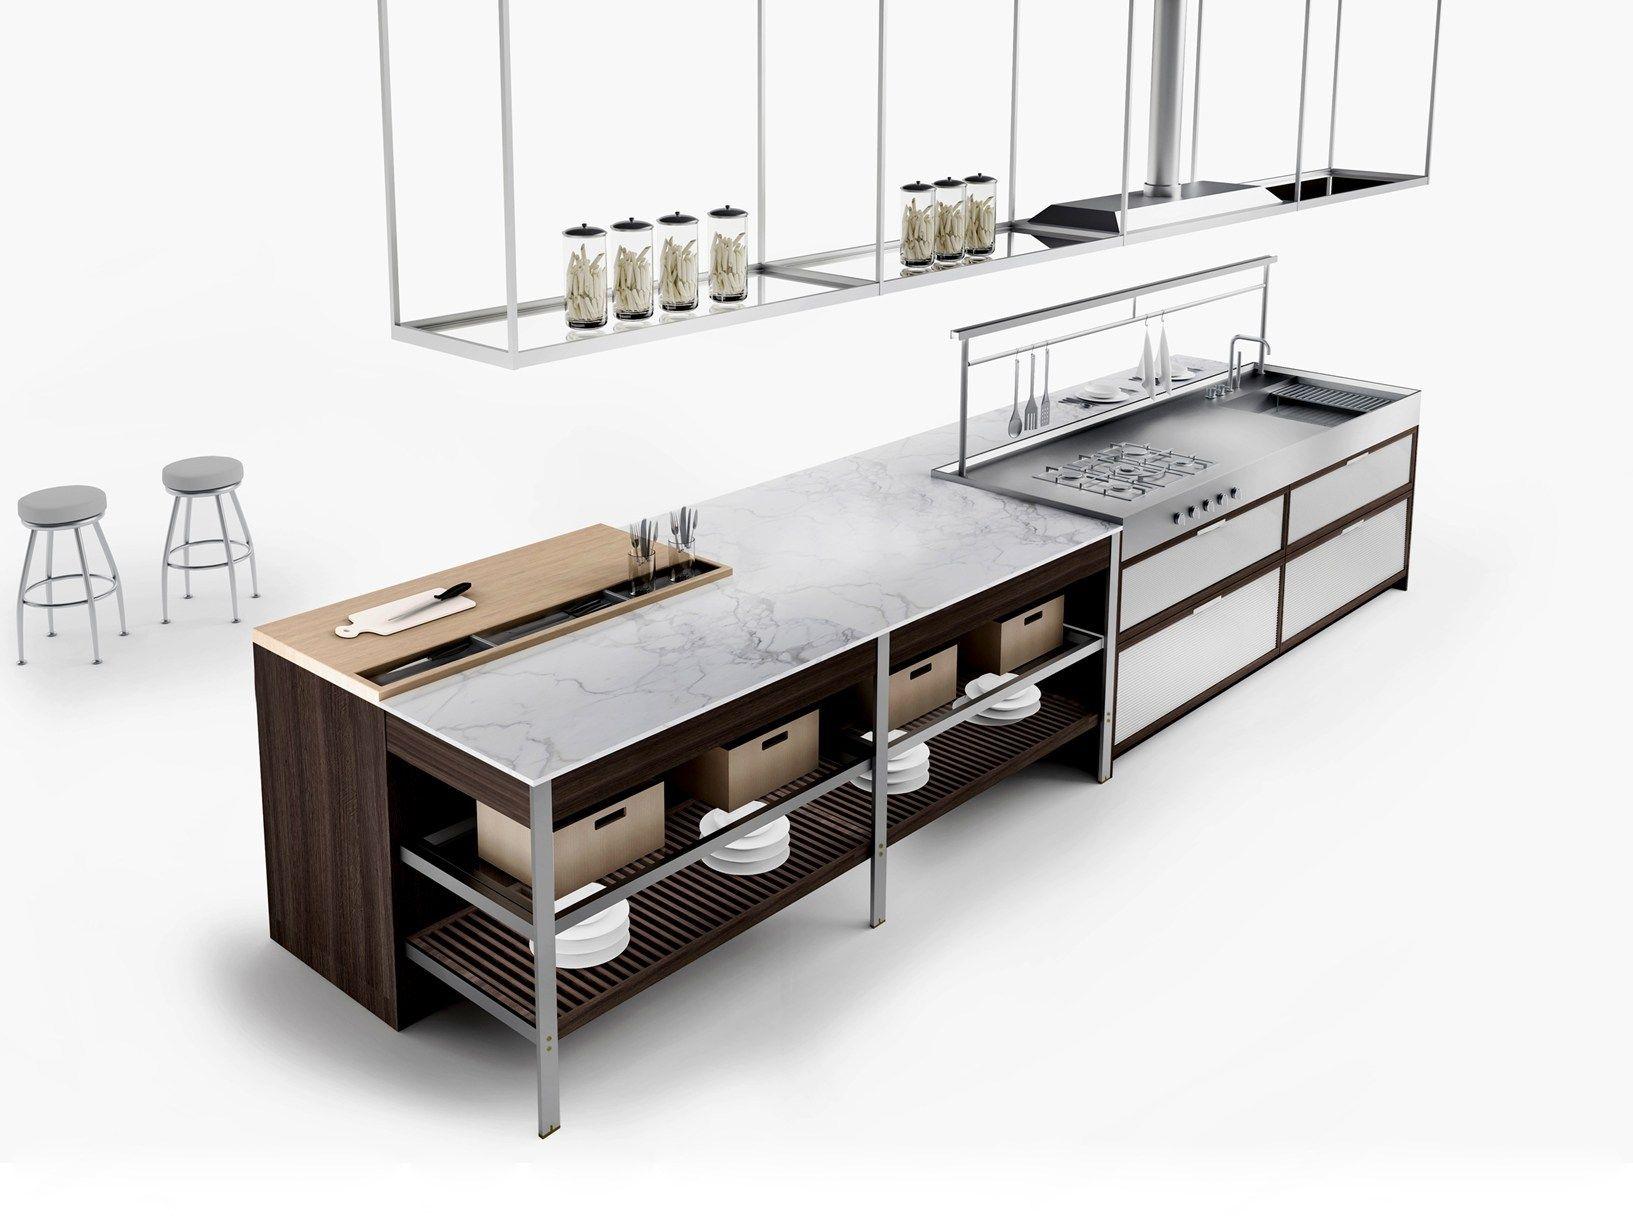 Best banco da lavoro per cucina pictures - Banco da lavoro cucina ...